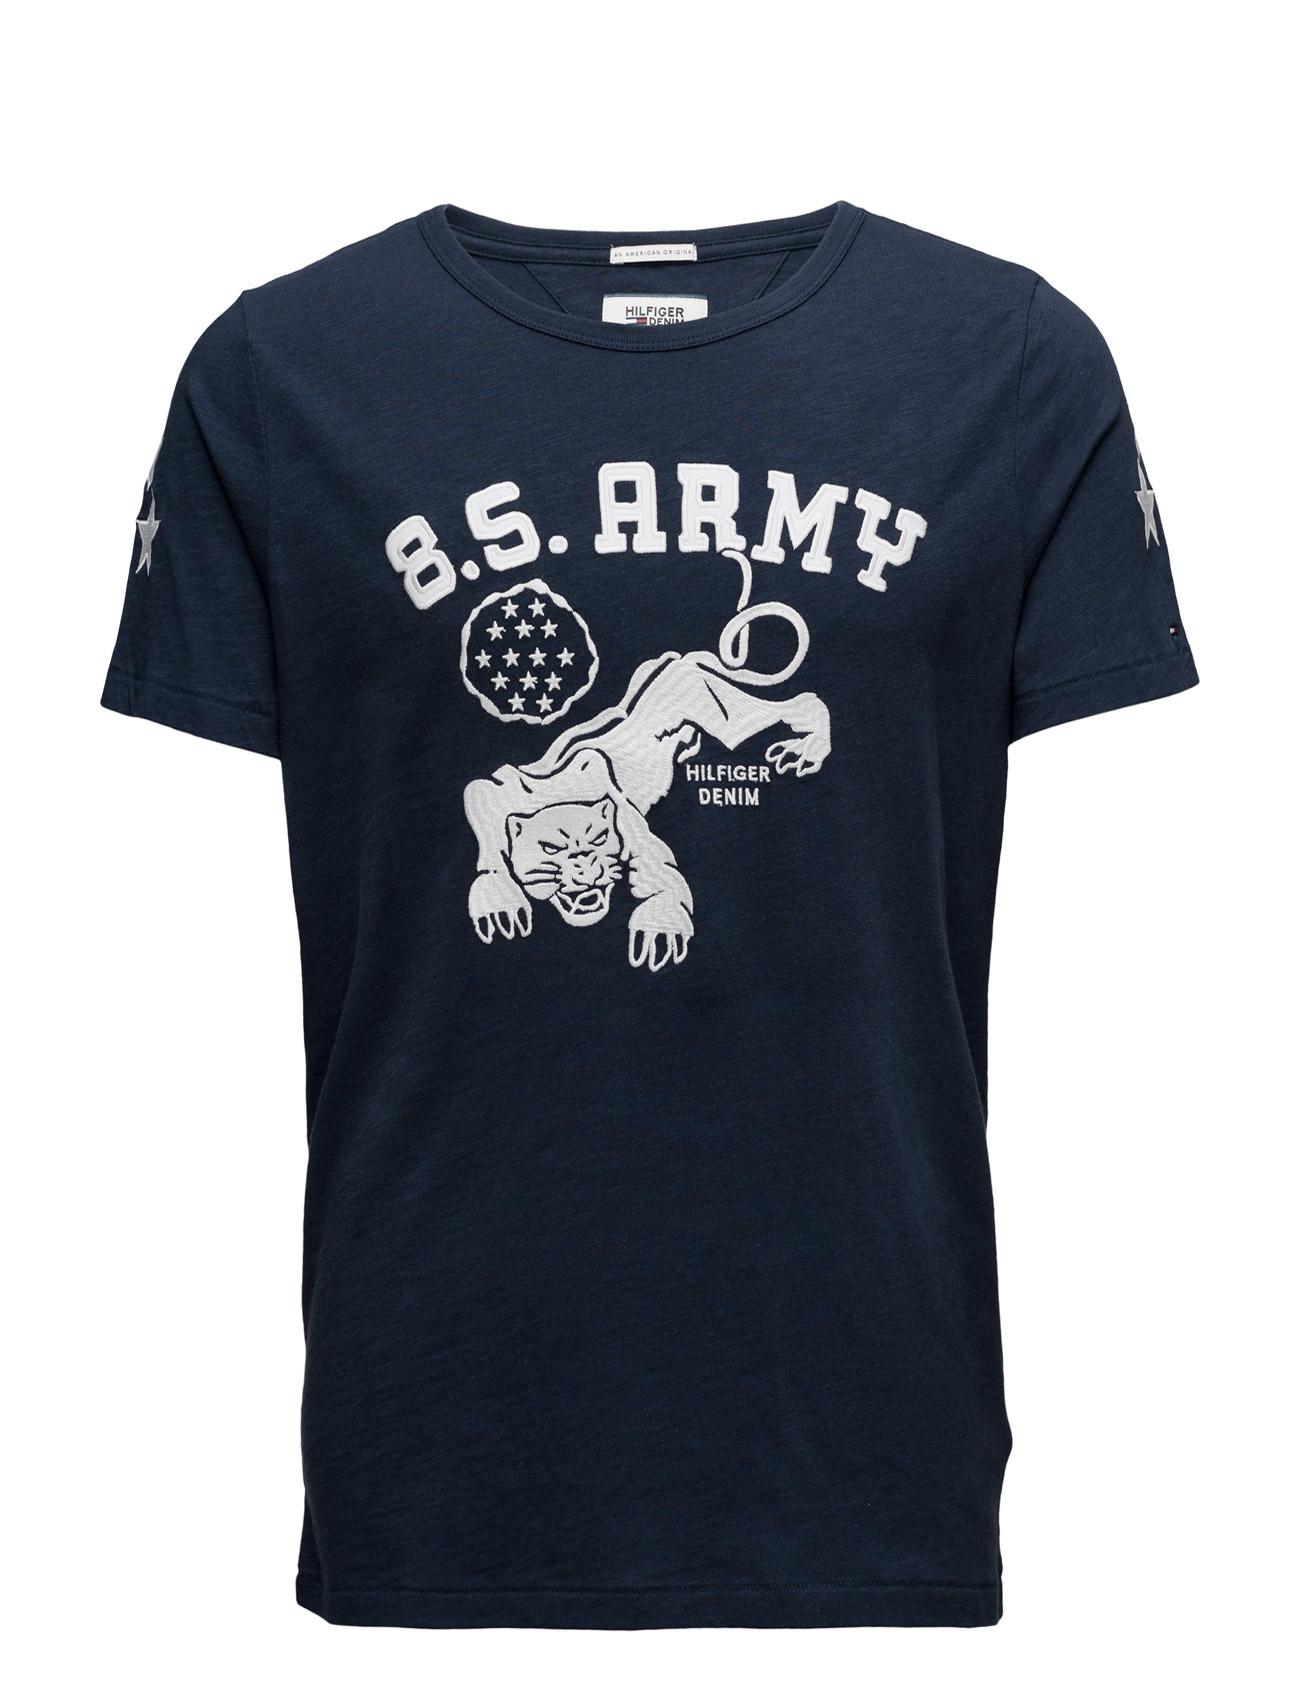 Thdm Cn T-Shirt S/S 33 Hilfiger Denim Kortærmede til Mænd i Blå